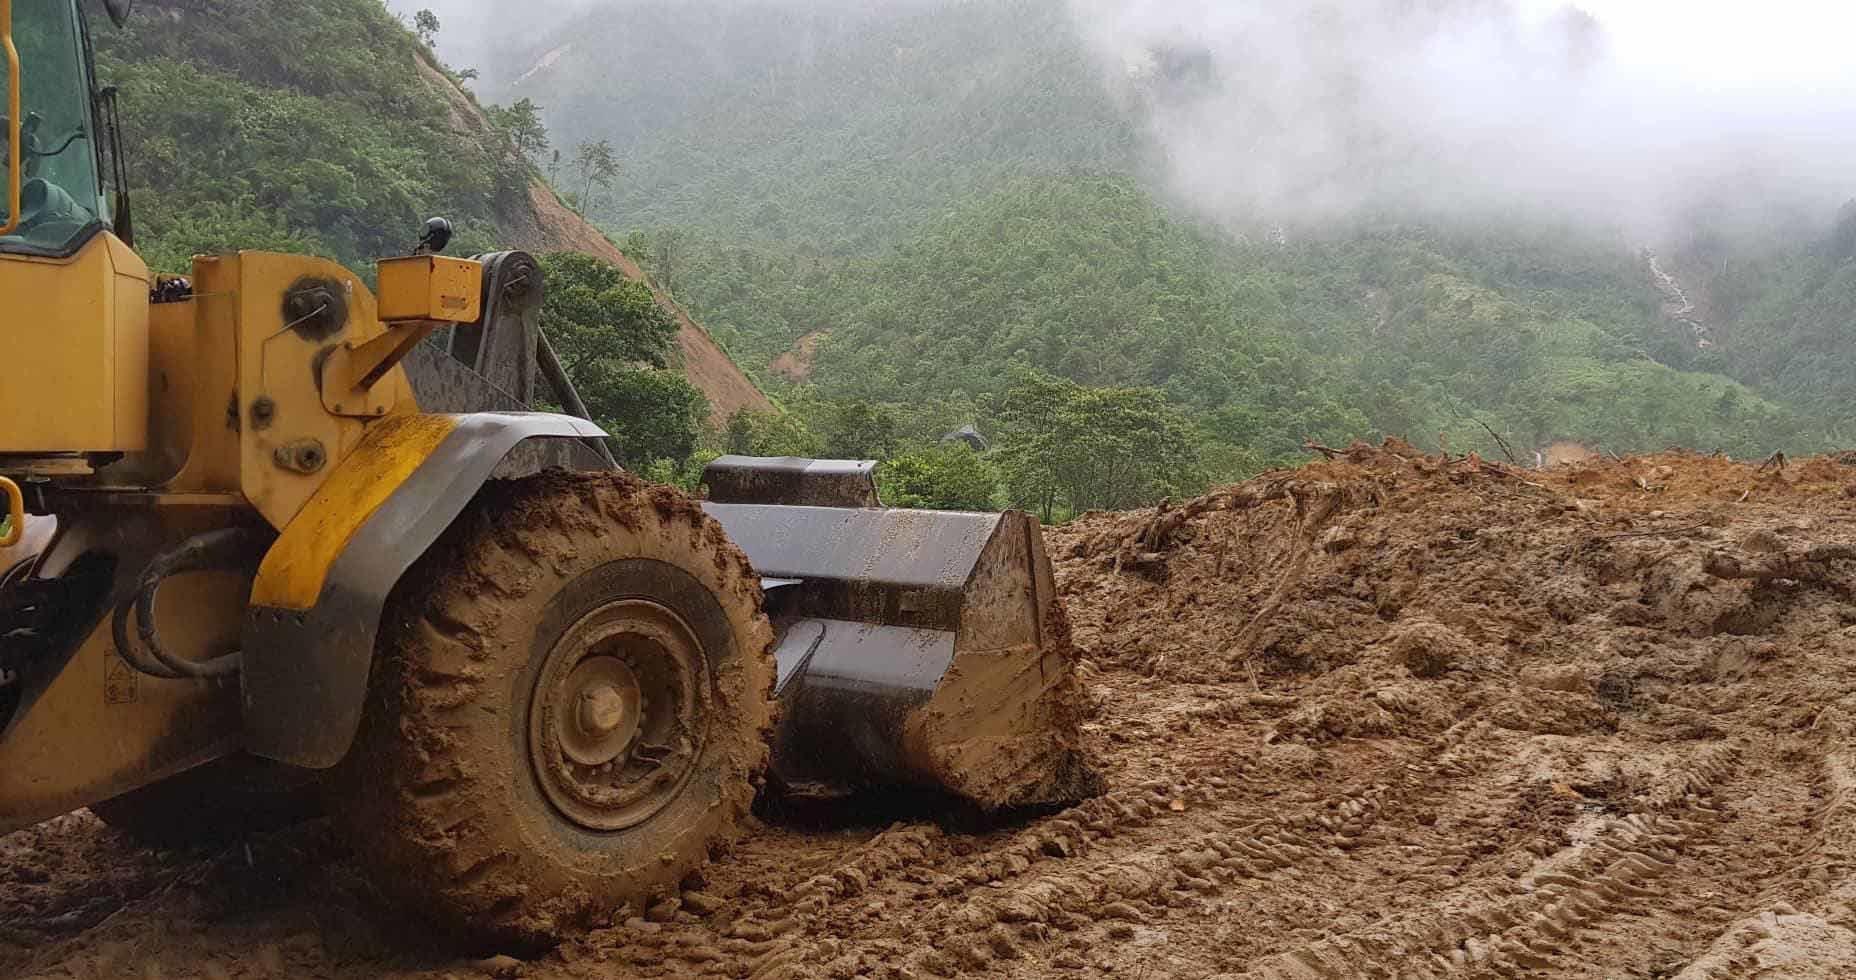 Phó Thủ tướng,Trịnh Đình Dũng,mưa lũ,lũ lụt,sạt lở đất